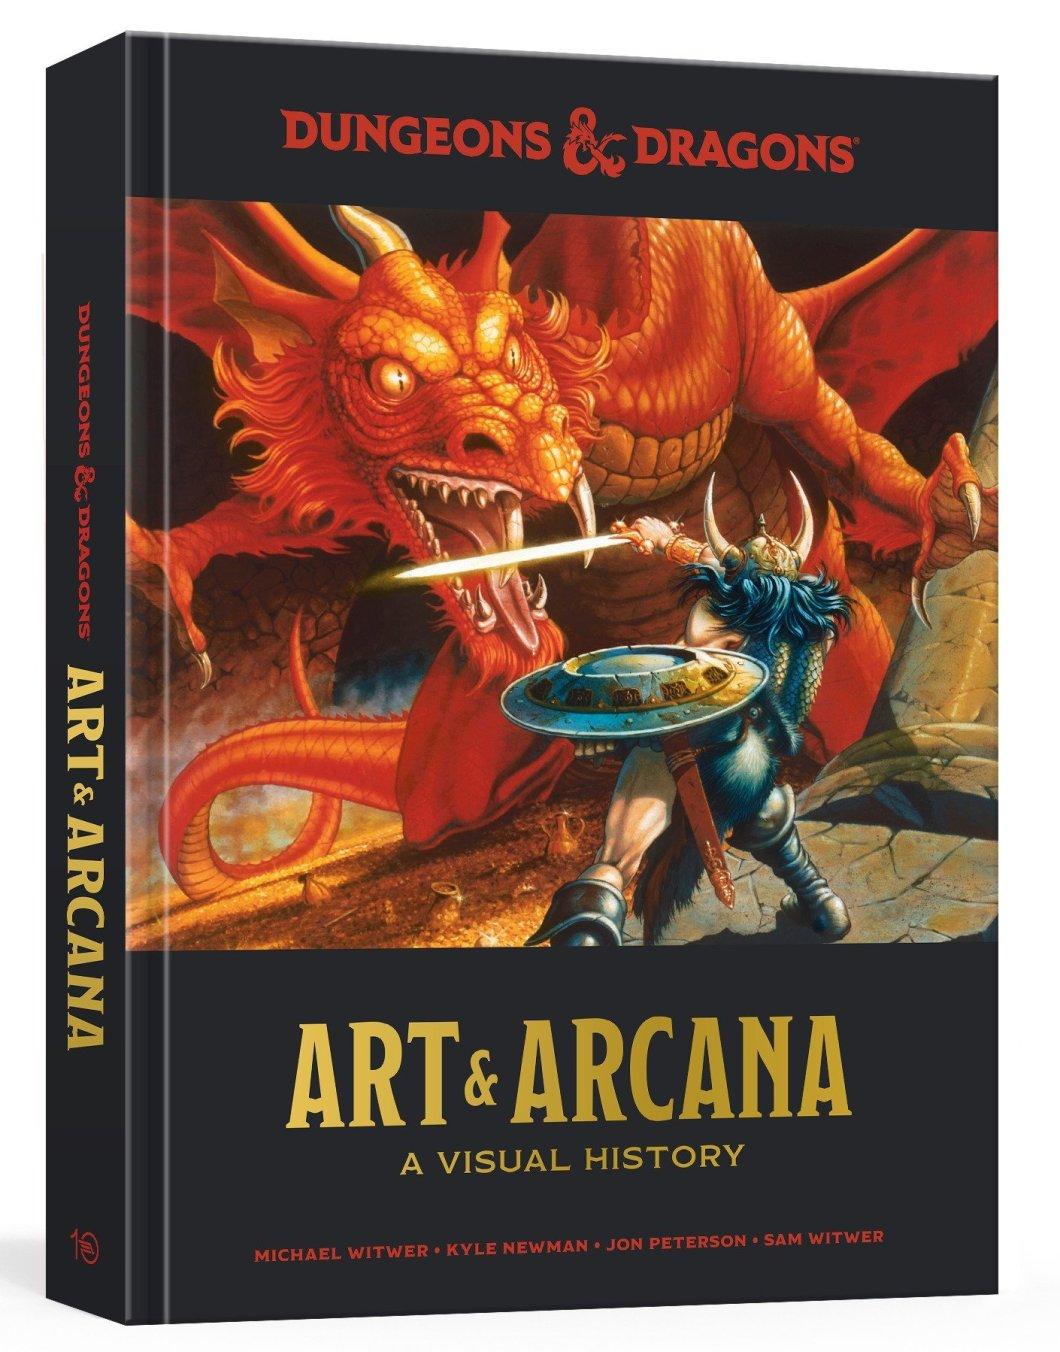 Art & Arcana D&D Dungeons & Dragons